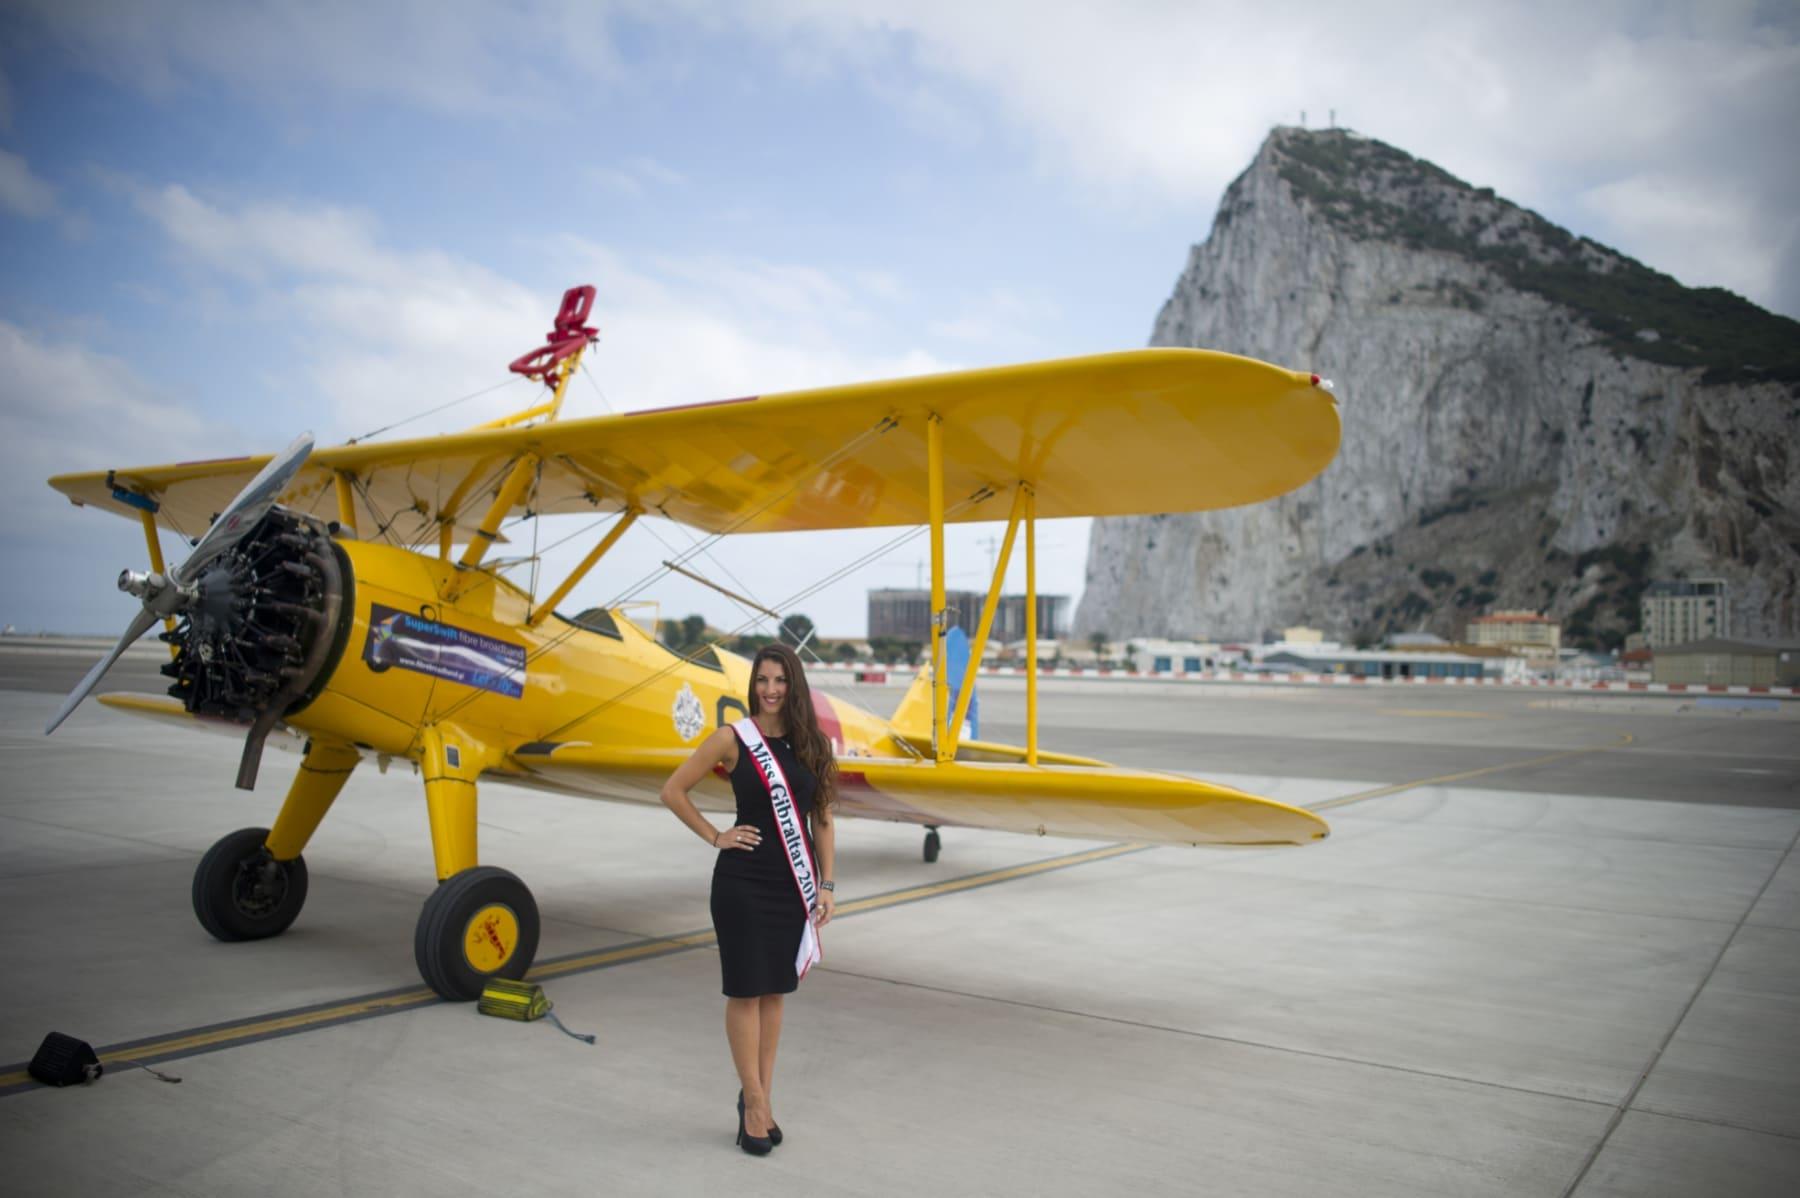 tom-lackey-acrobata-aereo-de-94-anos-en-gibraltar-10102014-05_15493082196_o